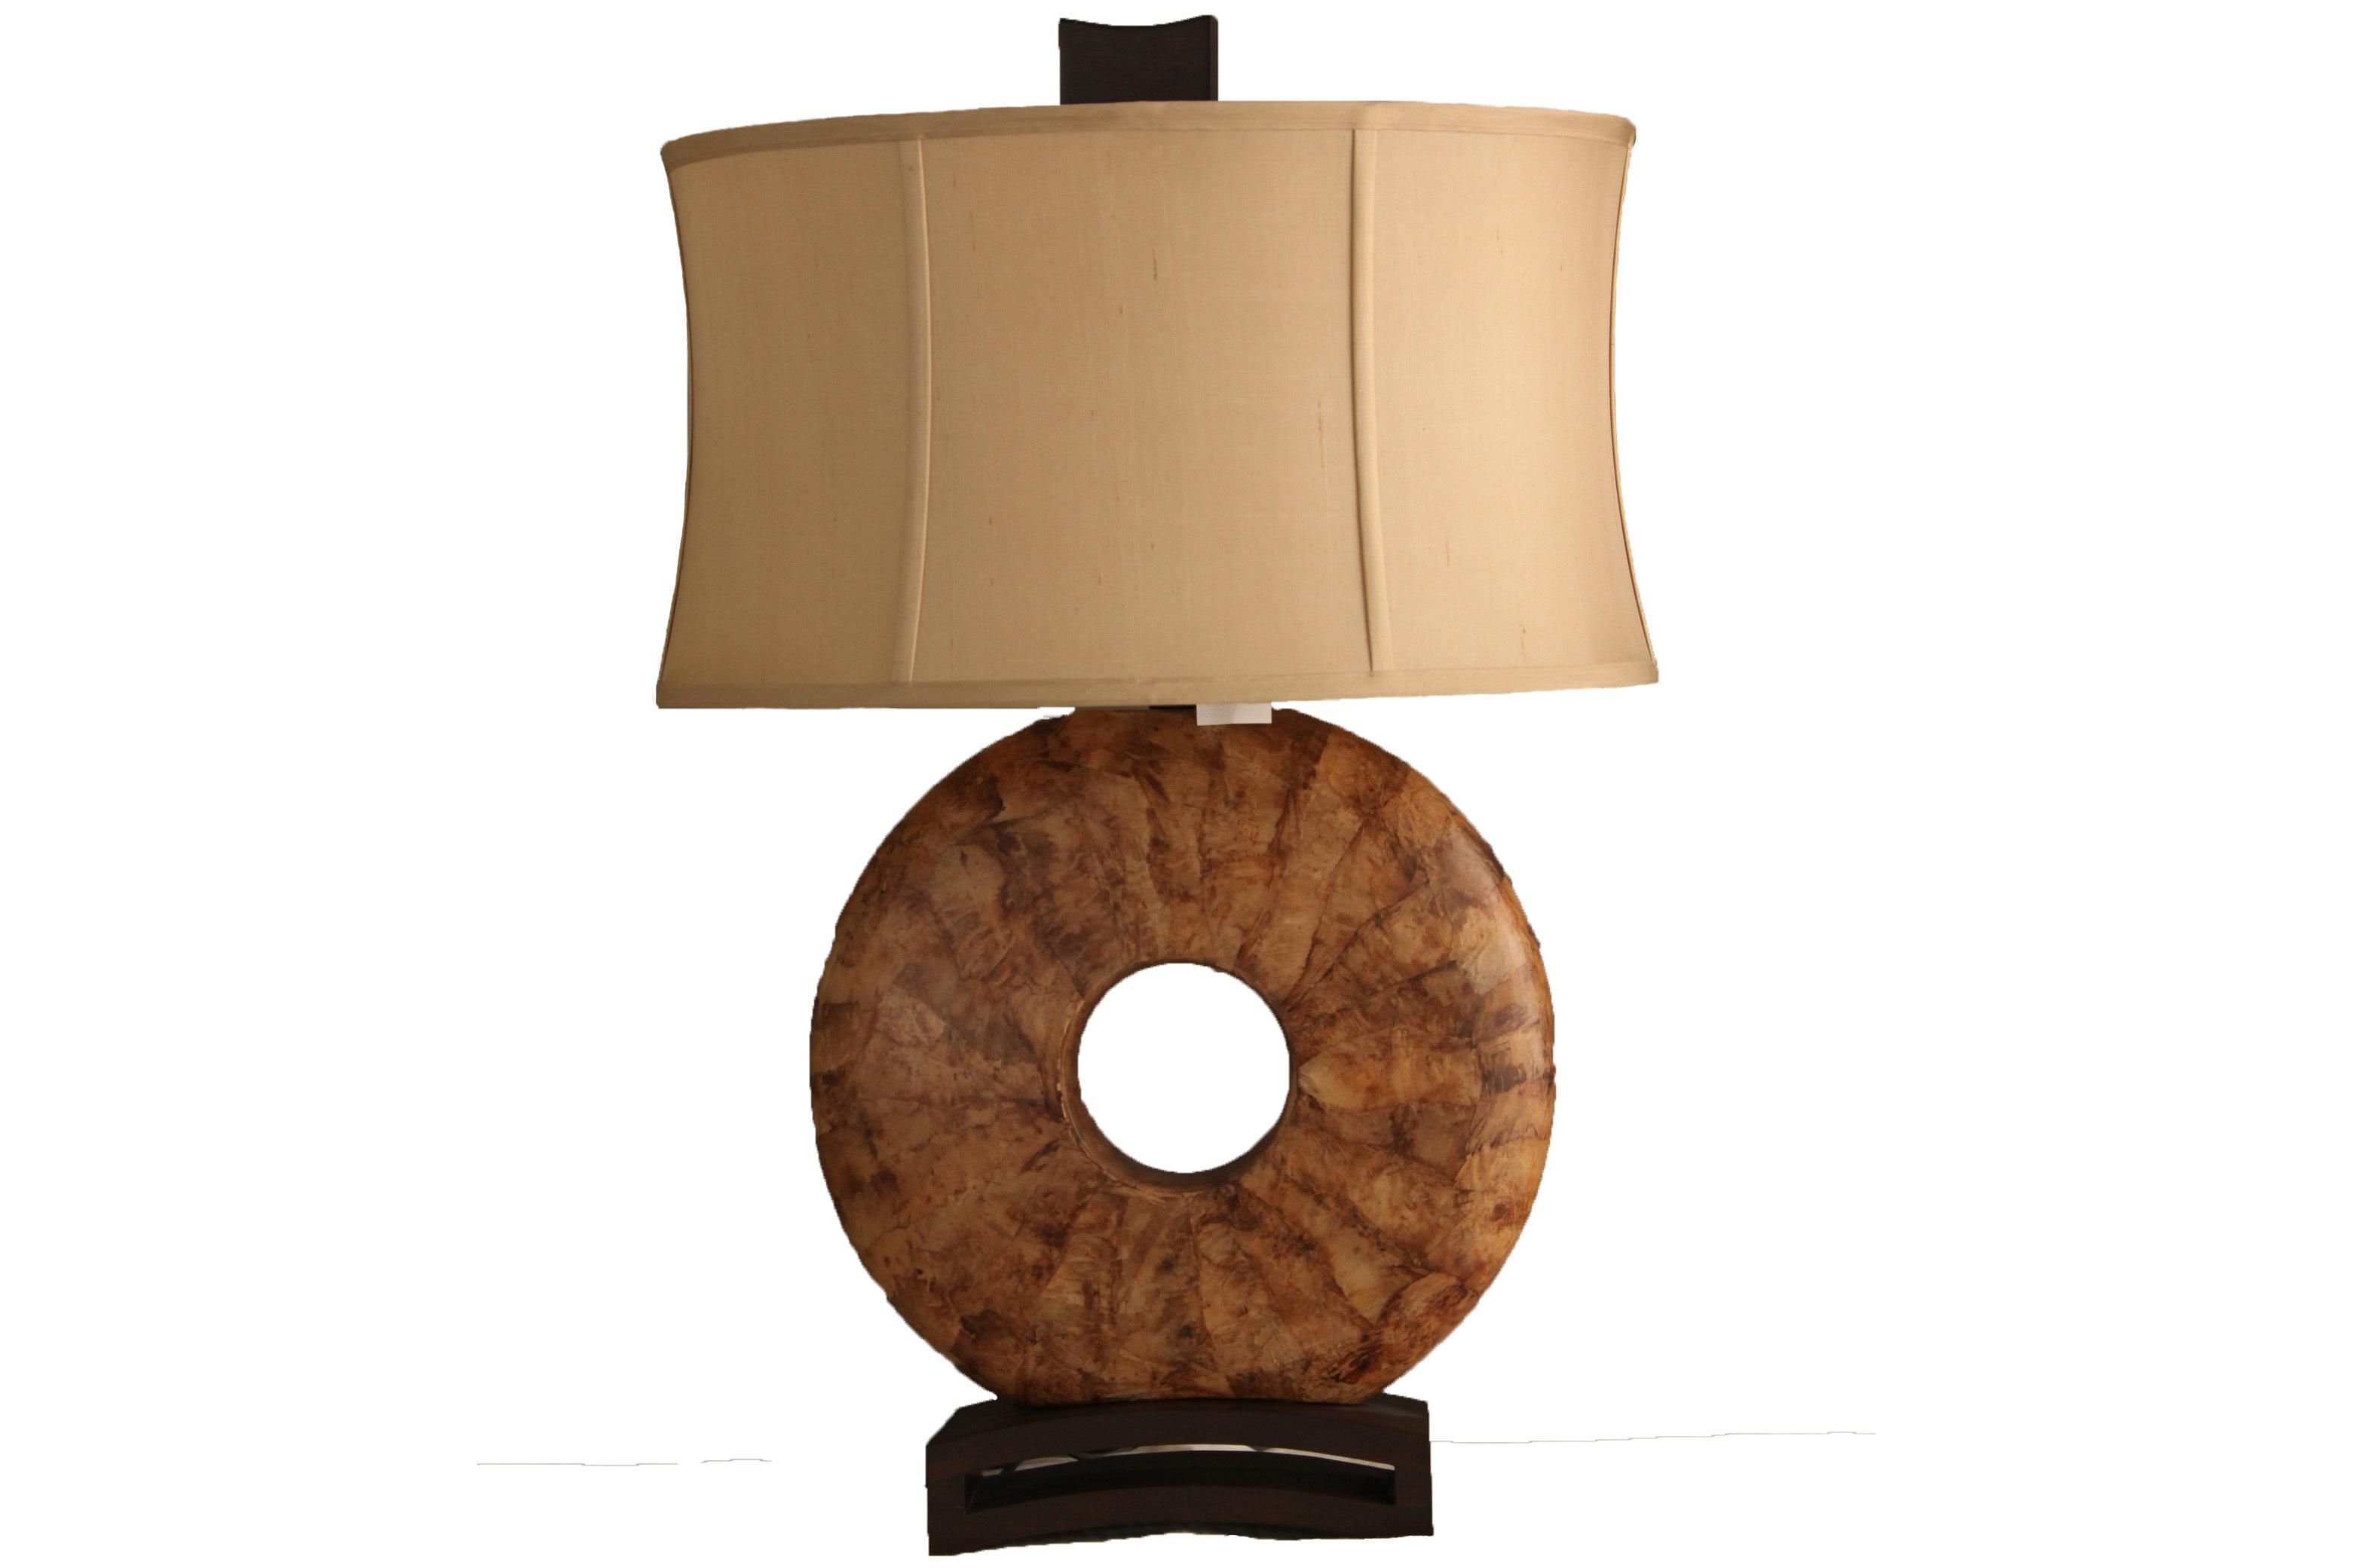 Настольная Лампа TikalДекоративные лампы<br>The Natural Light – это целая философия света, которая заключается всего в нескольких простых словах: природа – это лучшее, что у нас есть. Сохраняя любовь к природе и умело воплощая природную теплоту в предметах декора, компания создает по-настоящему великолепные вещи, способные преобразить любое пространство.&amp;lt;div&amp;gt;&amp;lt;br&amp;gt;&amp;lt;/div&amp;gt;&amp;lt;div&amp;gt;&amp;lt;div&amp;gt;Вид цоколя: Е27&amp;lt;/div&amp;gt;&amp;lt;div&amp;gt;Мощность лампы: 100W&amp;lt;/div&amp;gt;&amp;lt;div&amp;gt;Количество ламп: 1&amp;lt;/div&amp;gt;&amp;lt;/div&amp;gt;<br><br>Material: Дерево<br>Length см: 0<br>Width см: 41<br>Depth см: 41<br>Height см: 77<br>Diameter см: 0